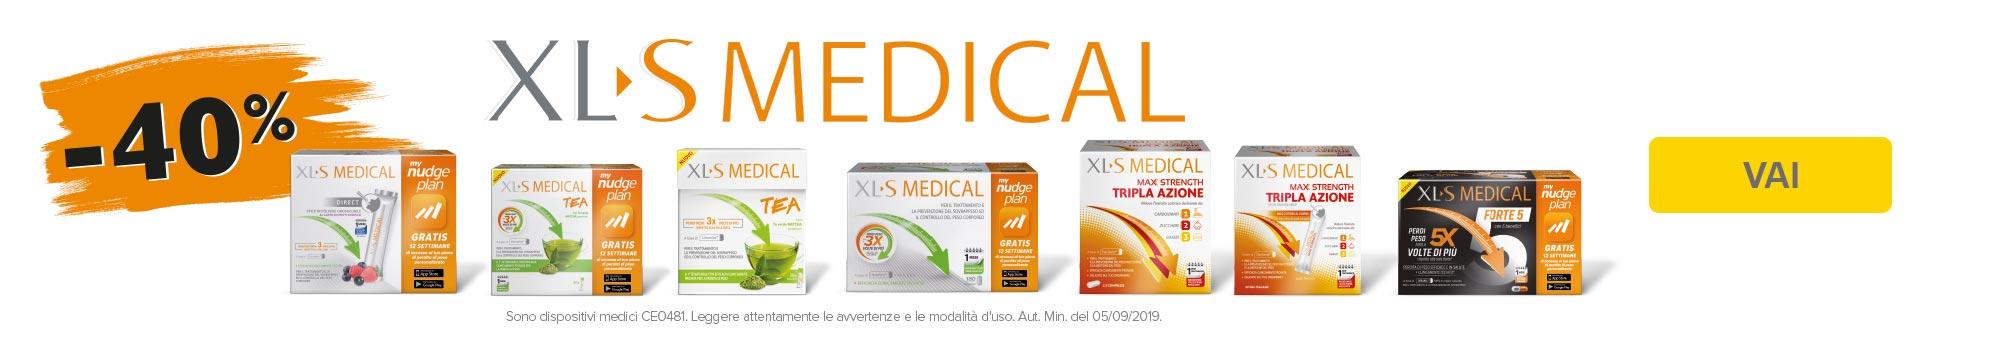 xls medical